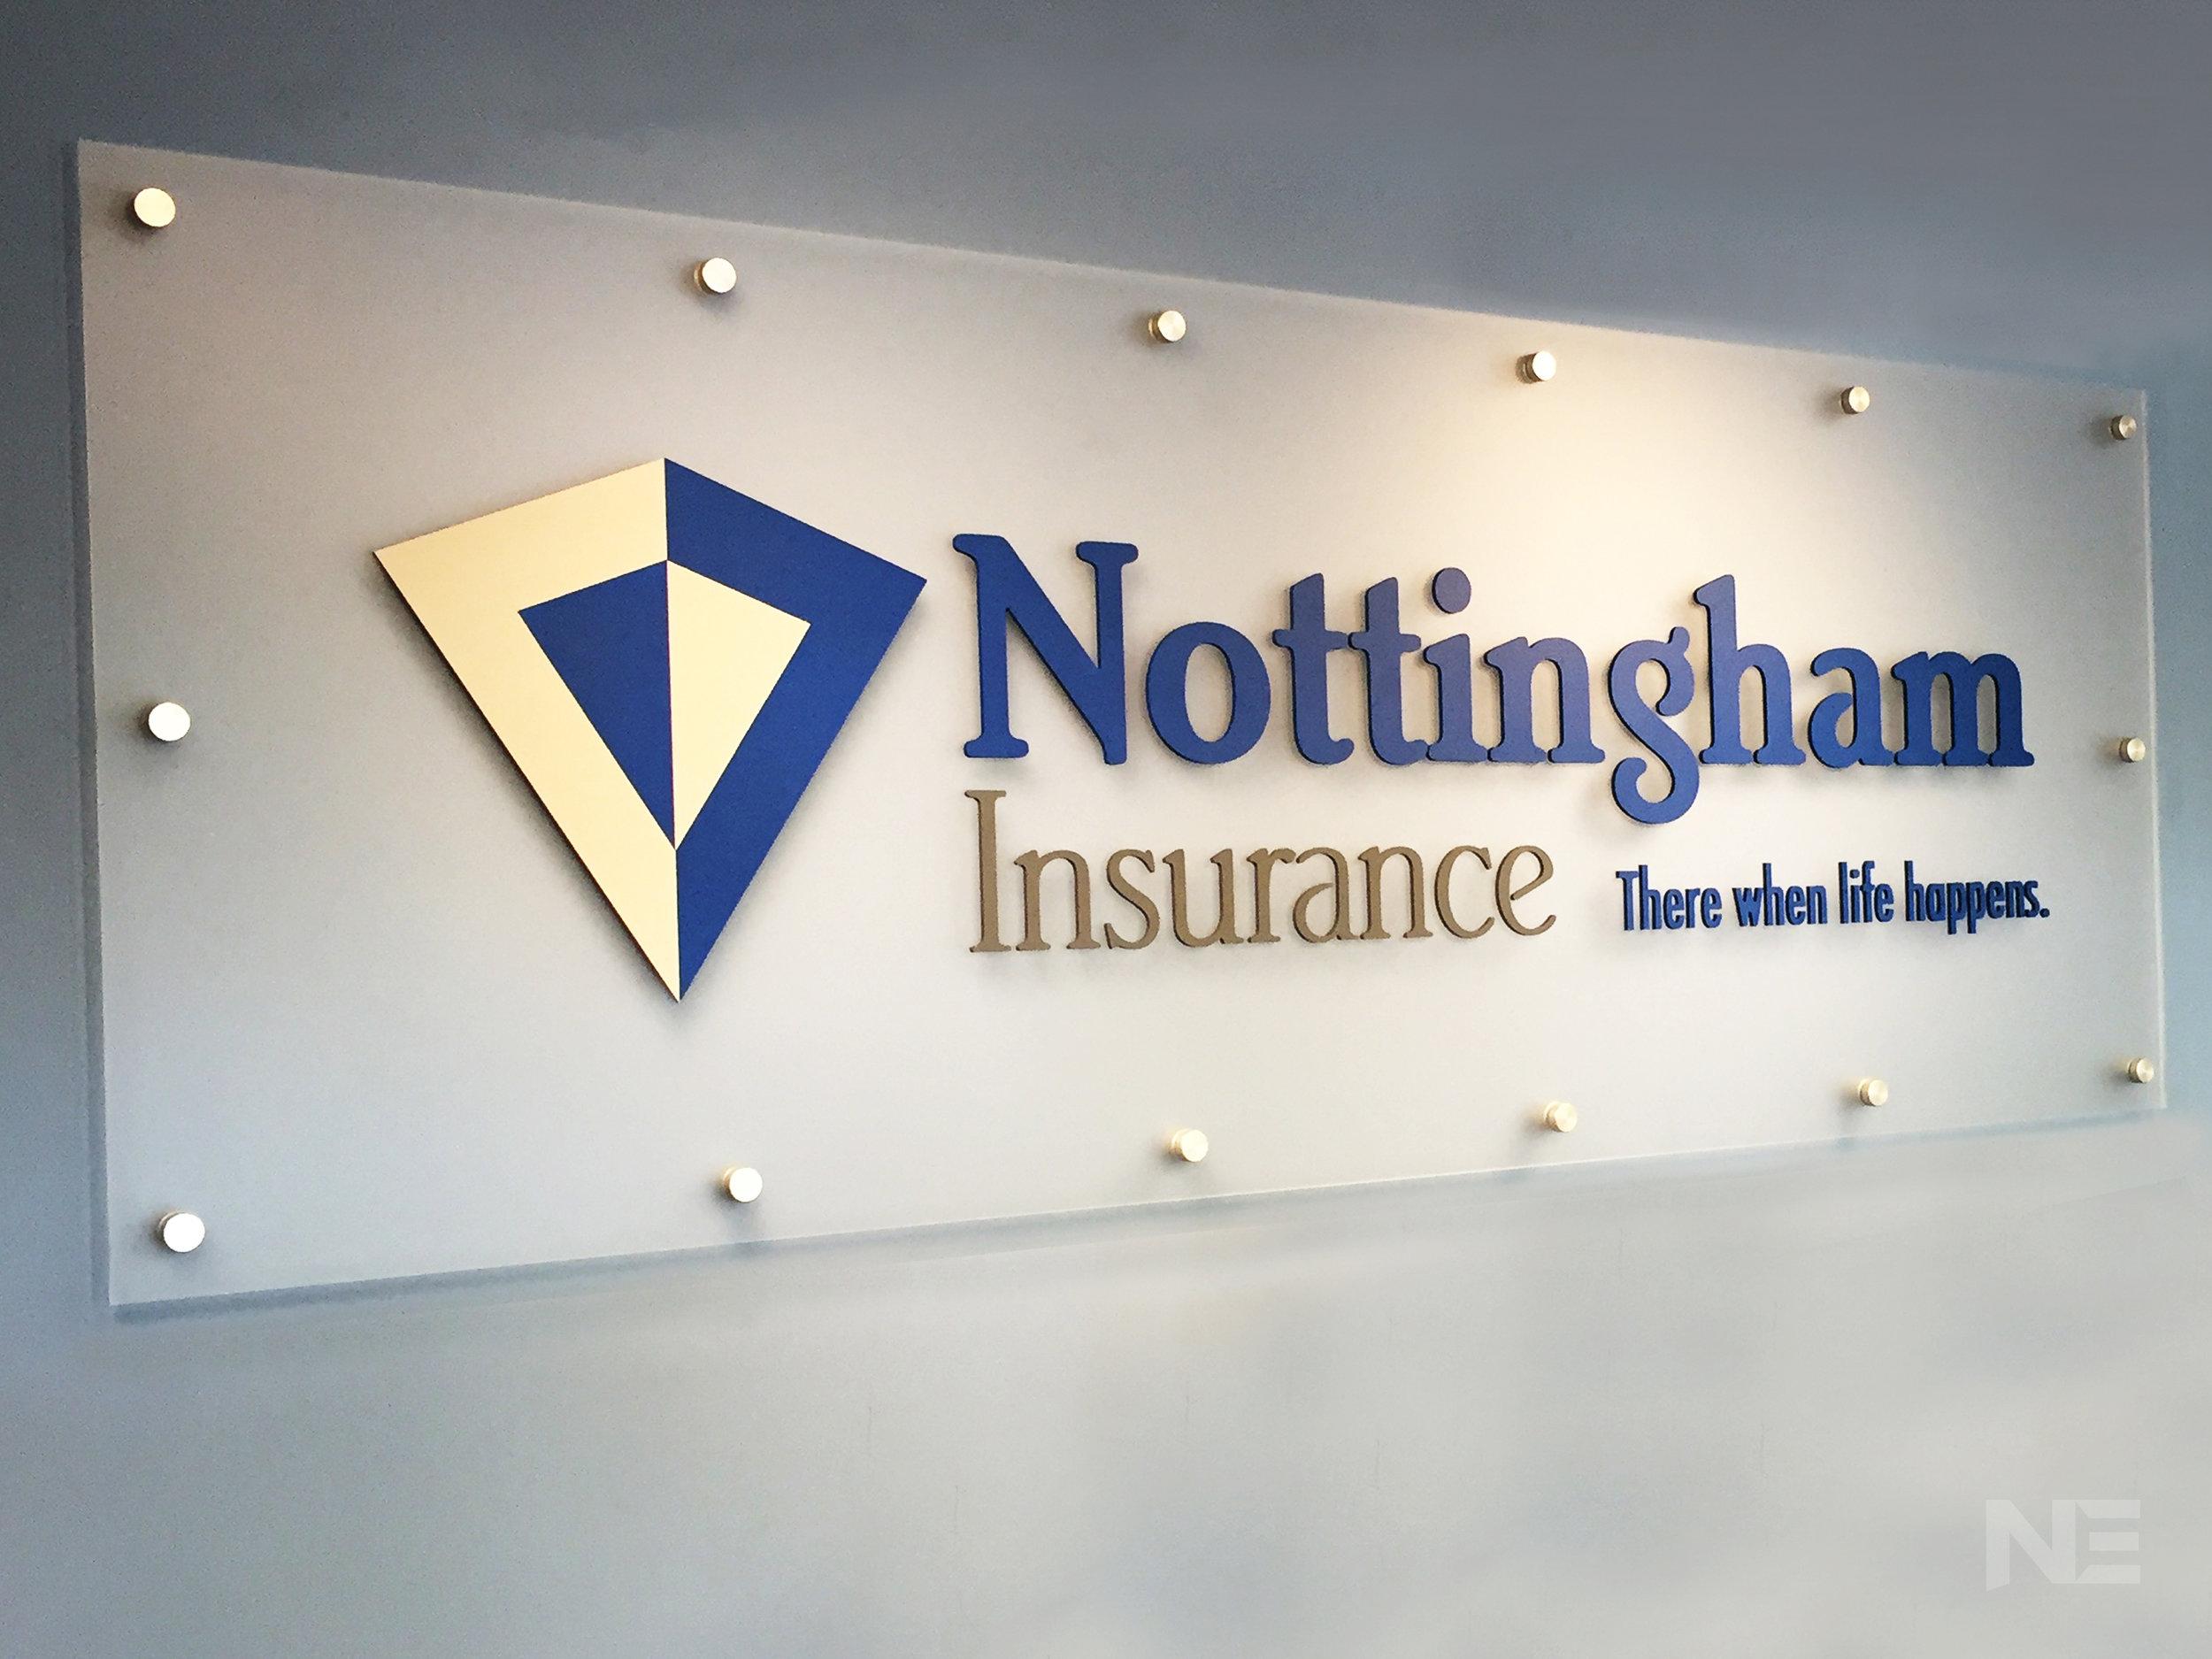 Nottingham Insurance